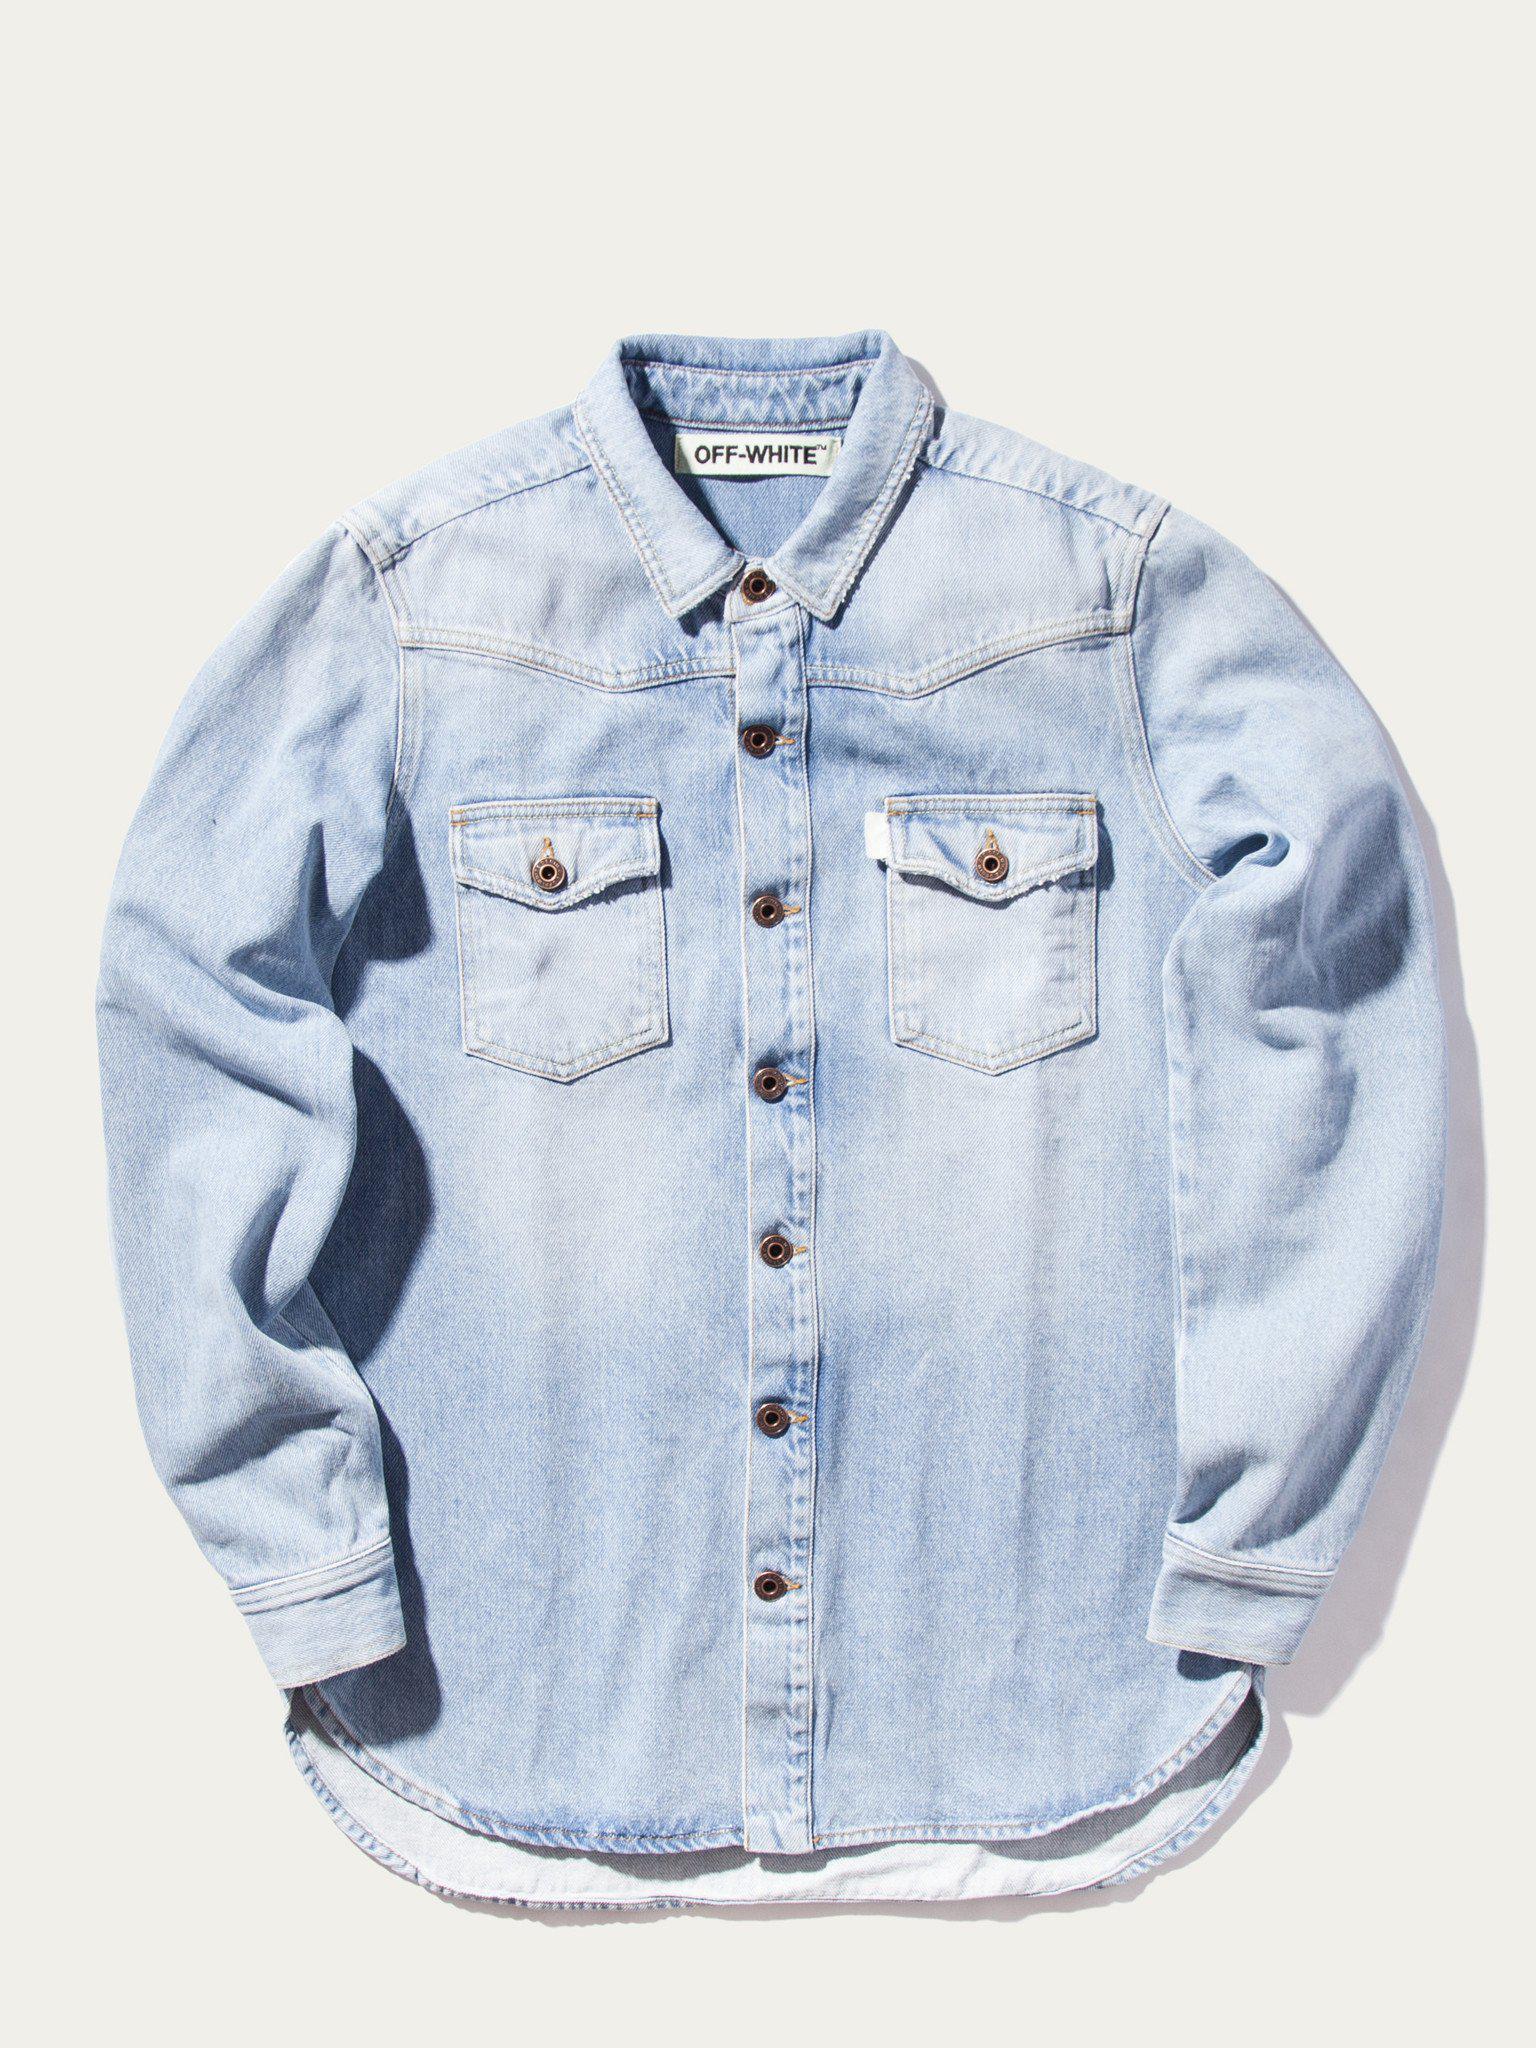 11c20f3739296 Off-White c/o Virgil Abloh Brushed Denim Shirt (bleach White) in ...